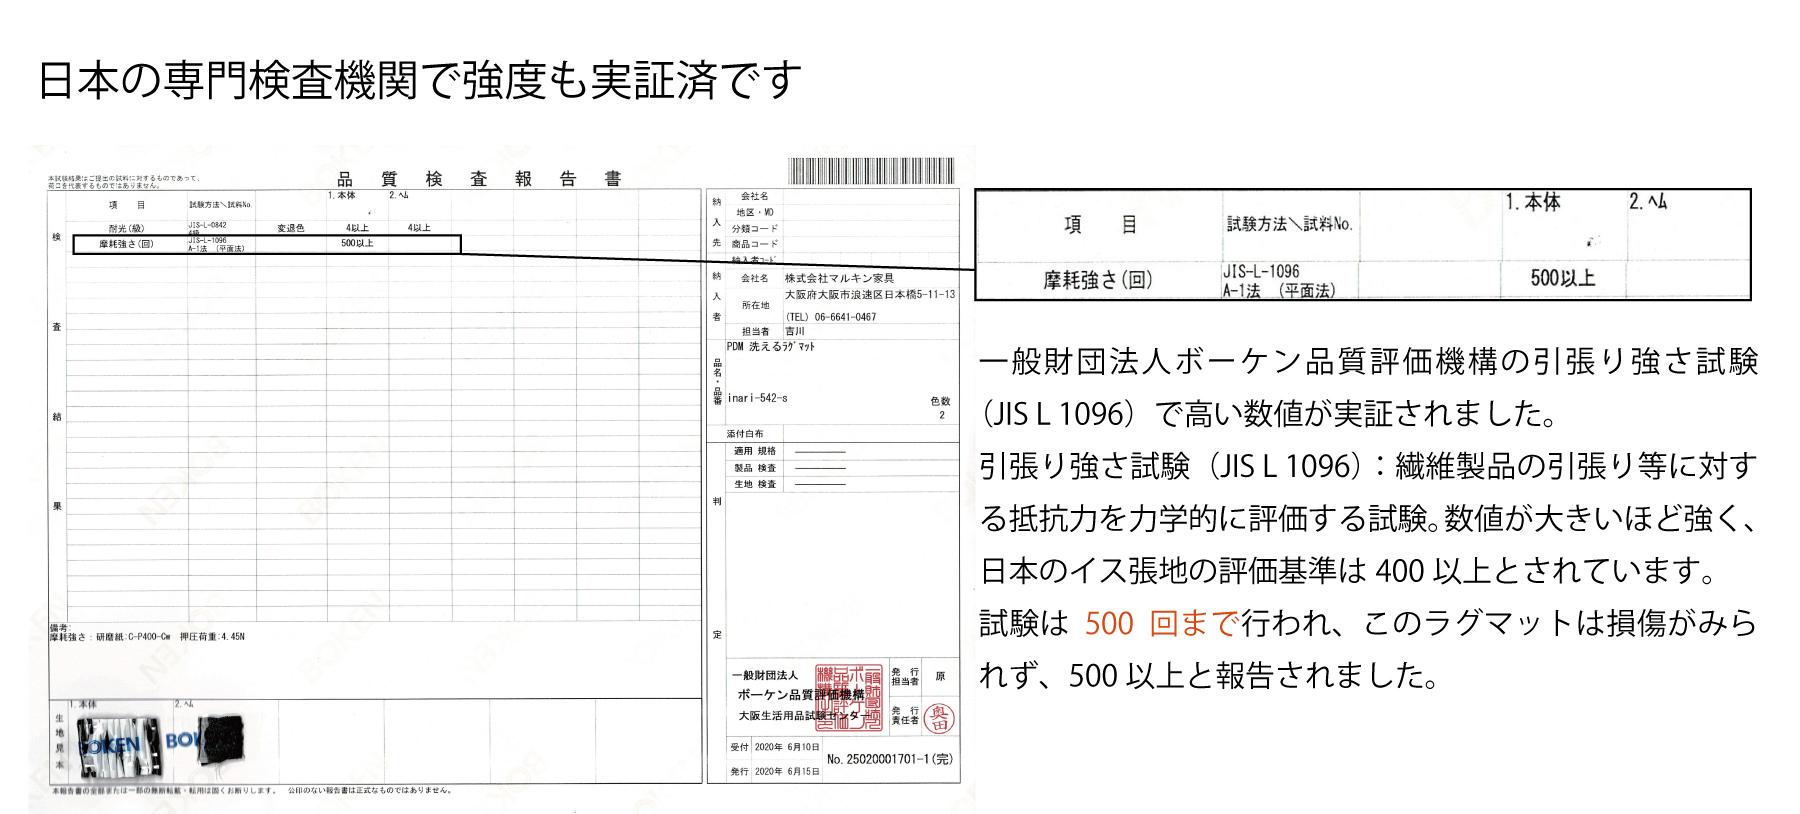 日本の専門検査機関で強度も実証済み